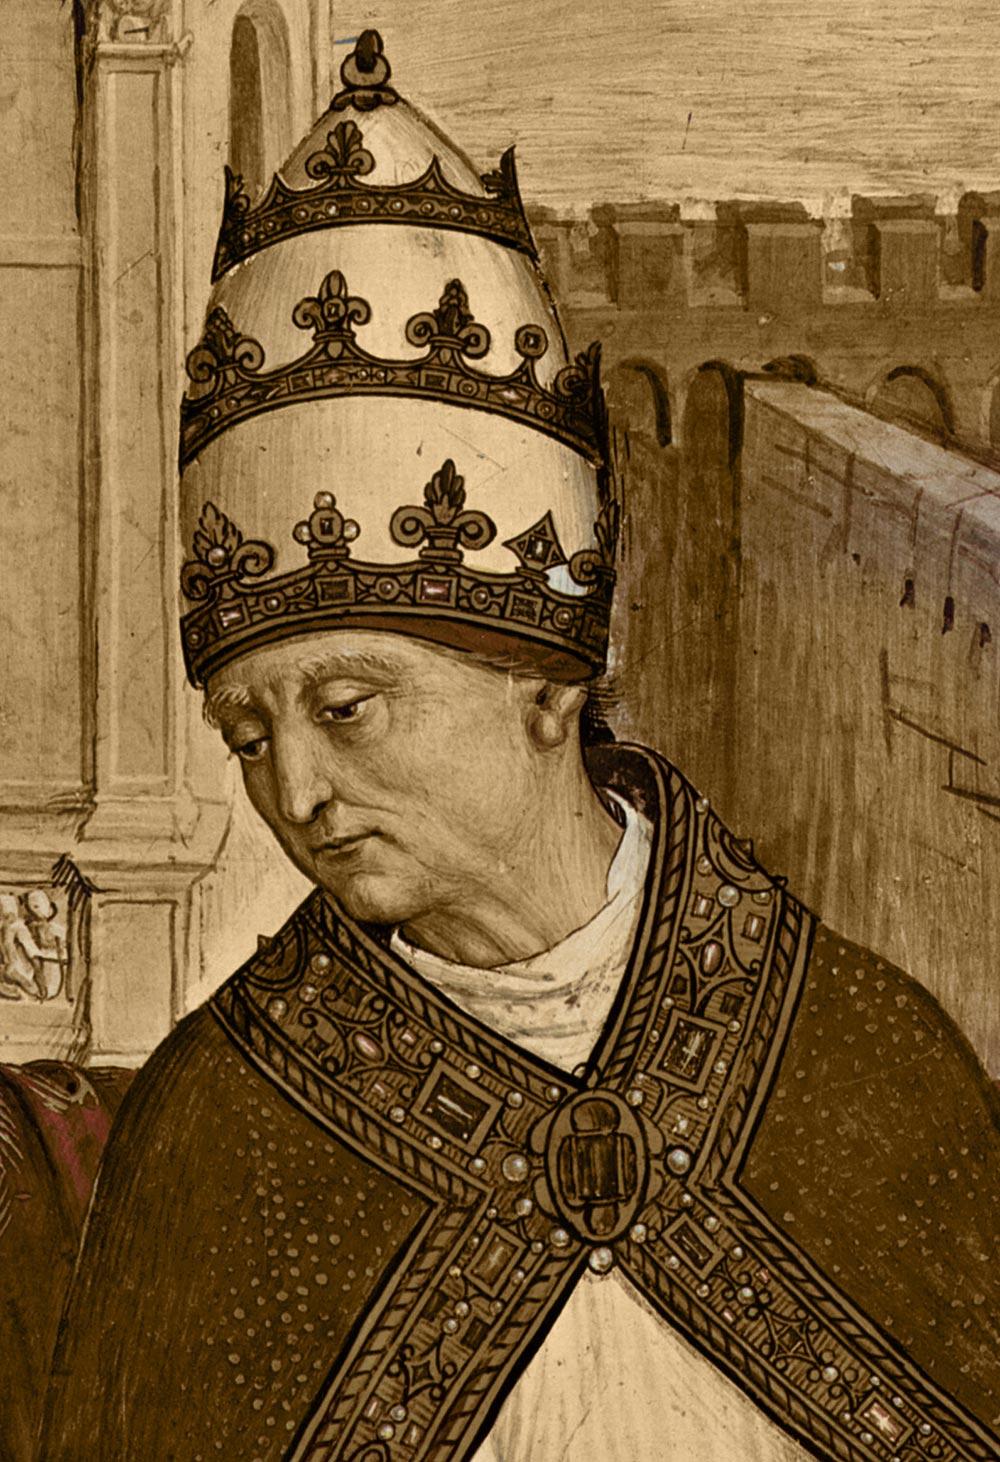 исторический факт эротическая новелла Папы Римского